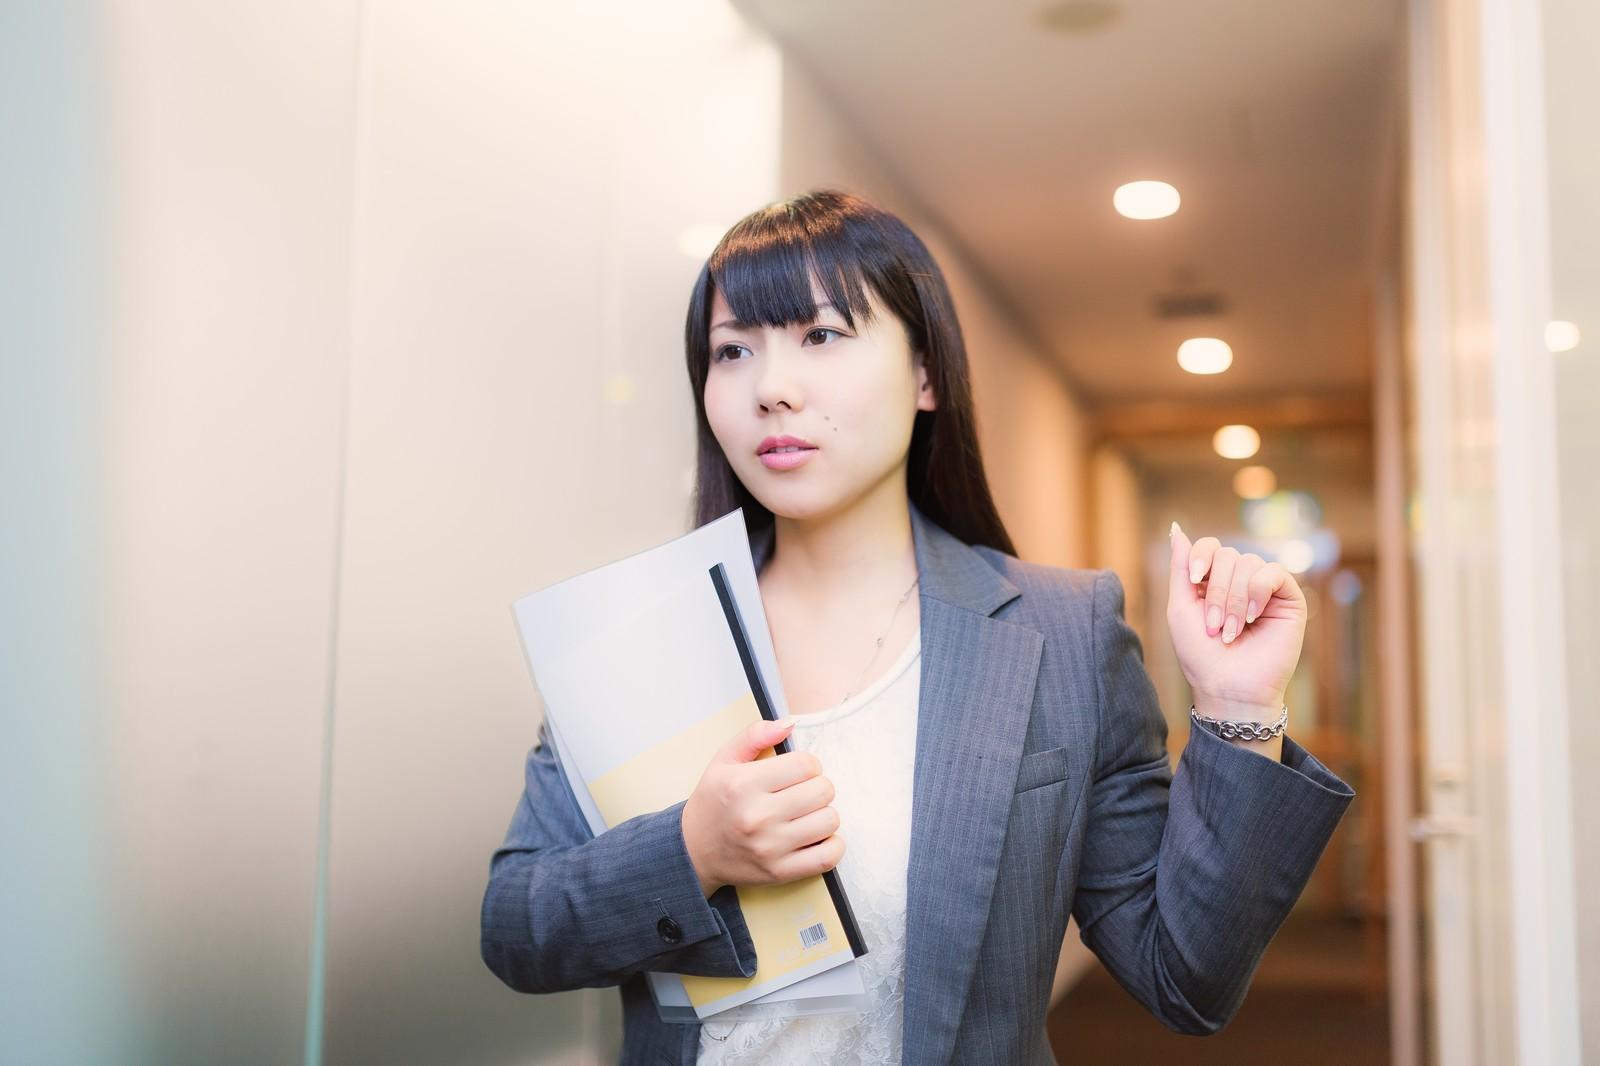 派遣社員から正社員に転職することができた人の体験談